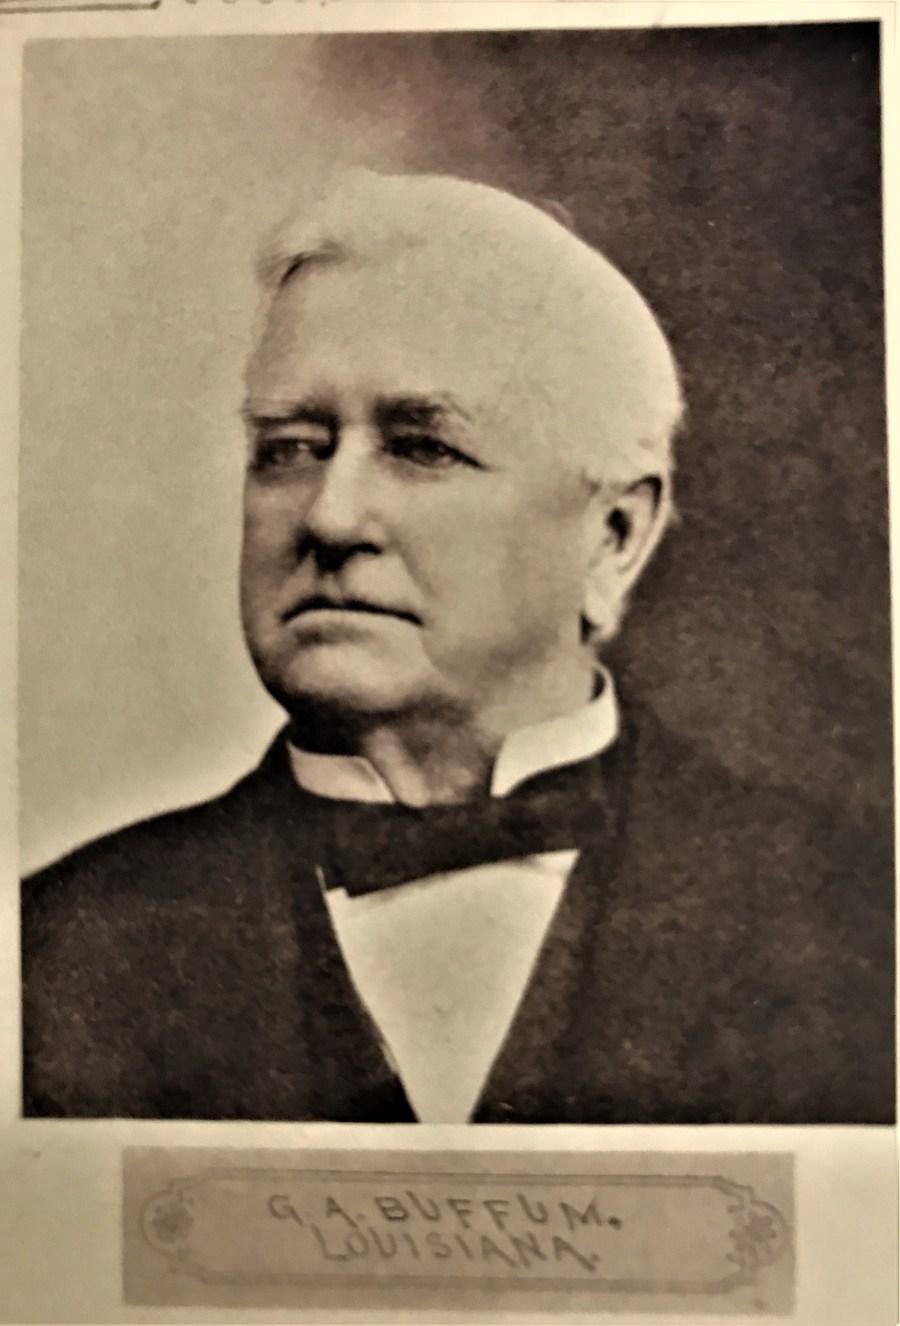 G.A. Buffum